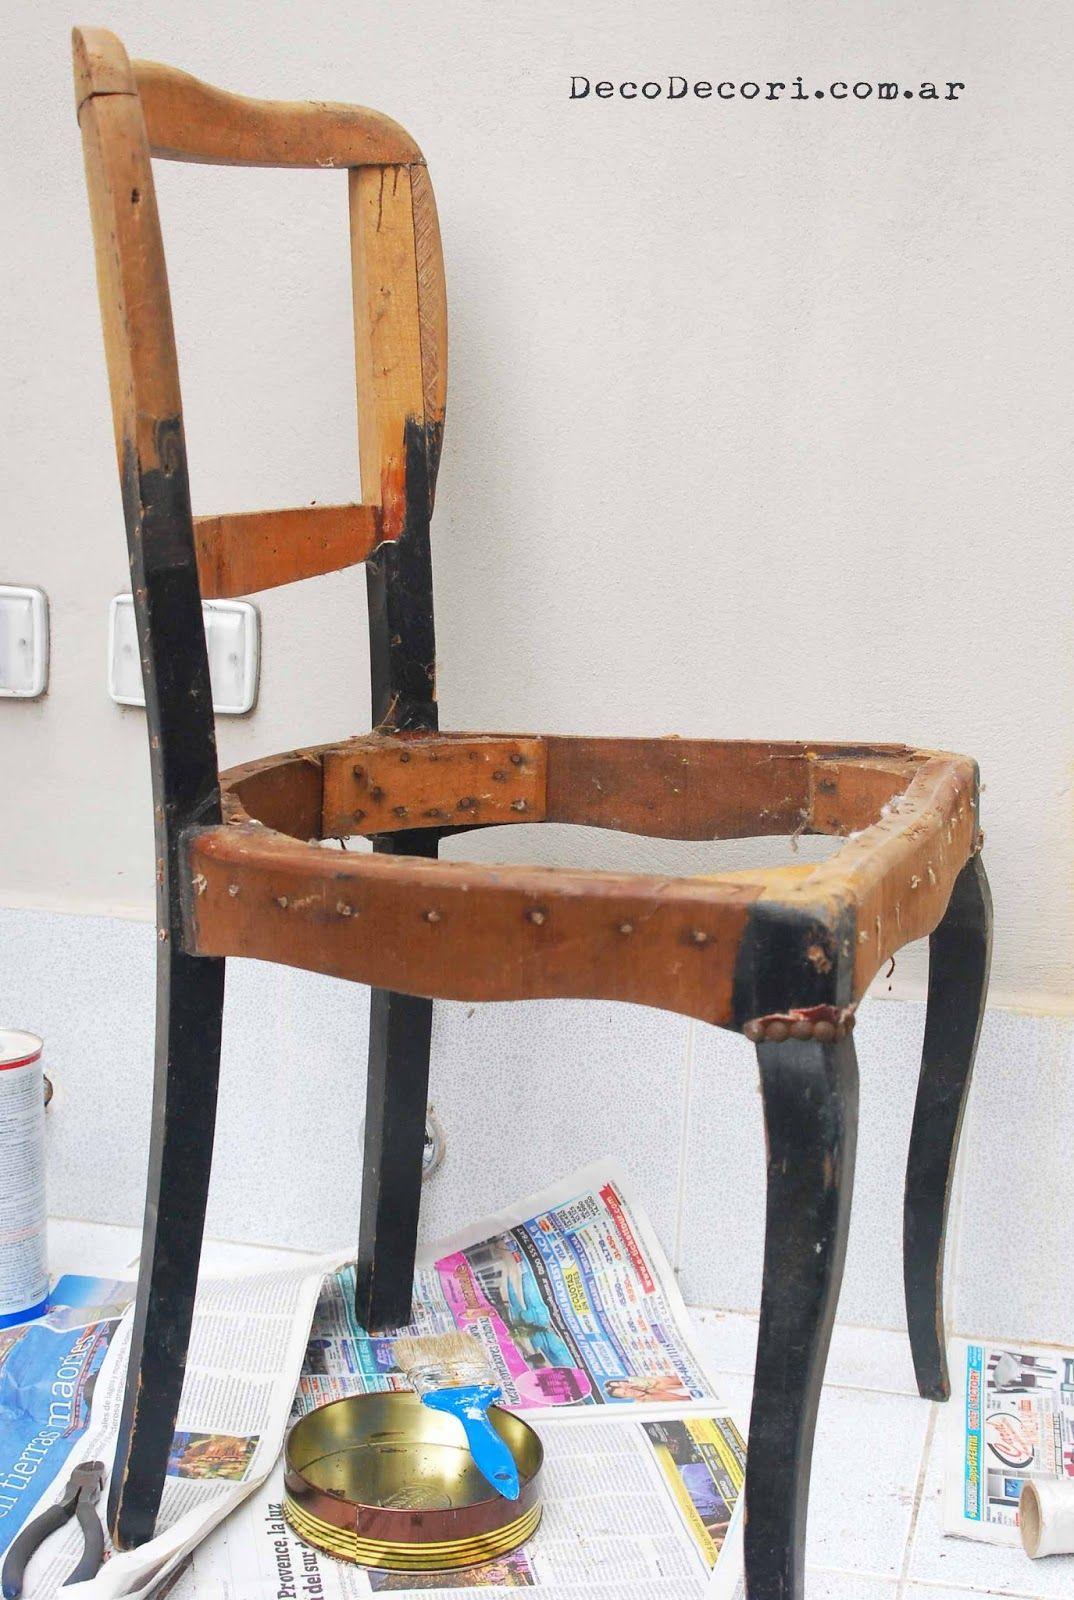 Retapizar una silla paso a paso deco decori silla - Tapizar una silla ...